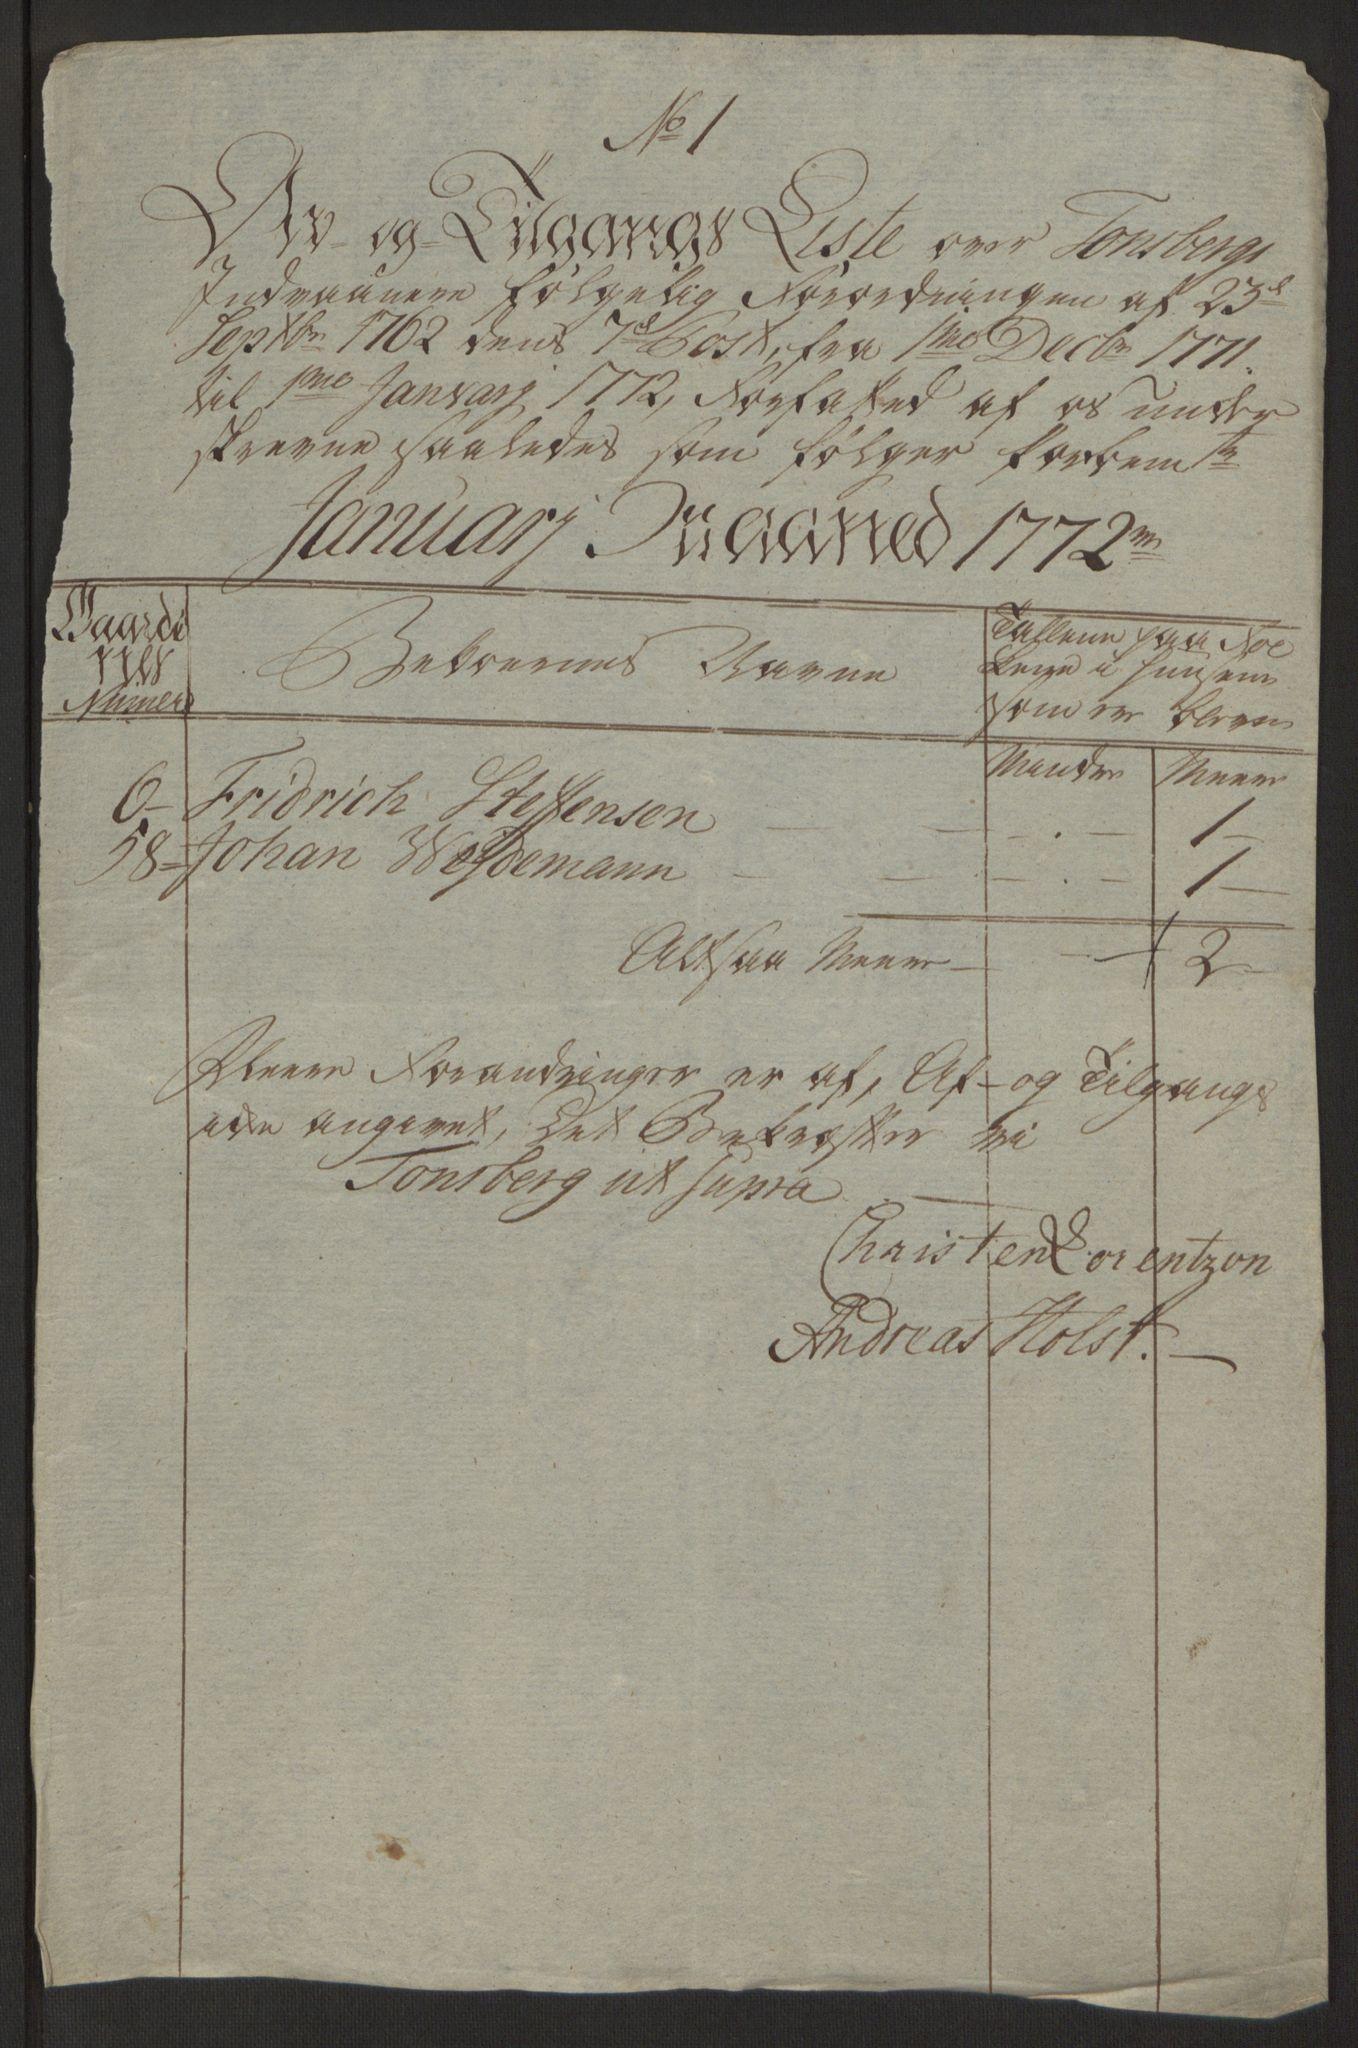 RA, Rentekammeret inntil 1814, Reviderte regnskaper, Byregnskaper, R/Rh/L0162: [H4] Kontribusjonsregnskap, 1762-1772, s. 407